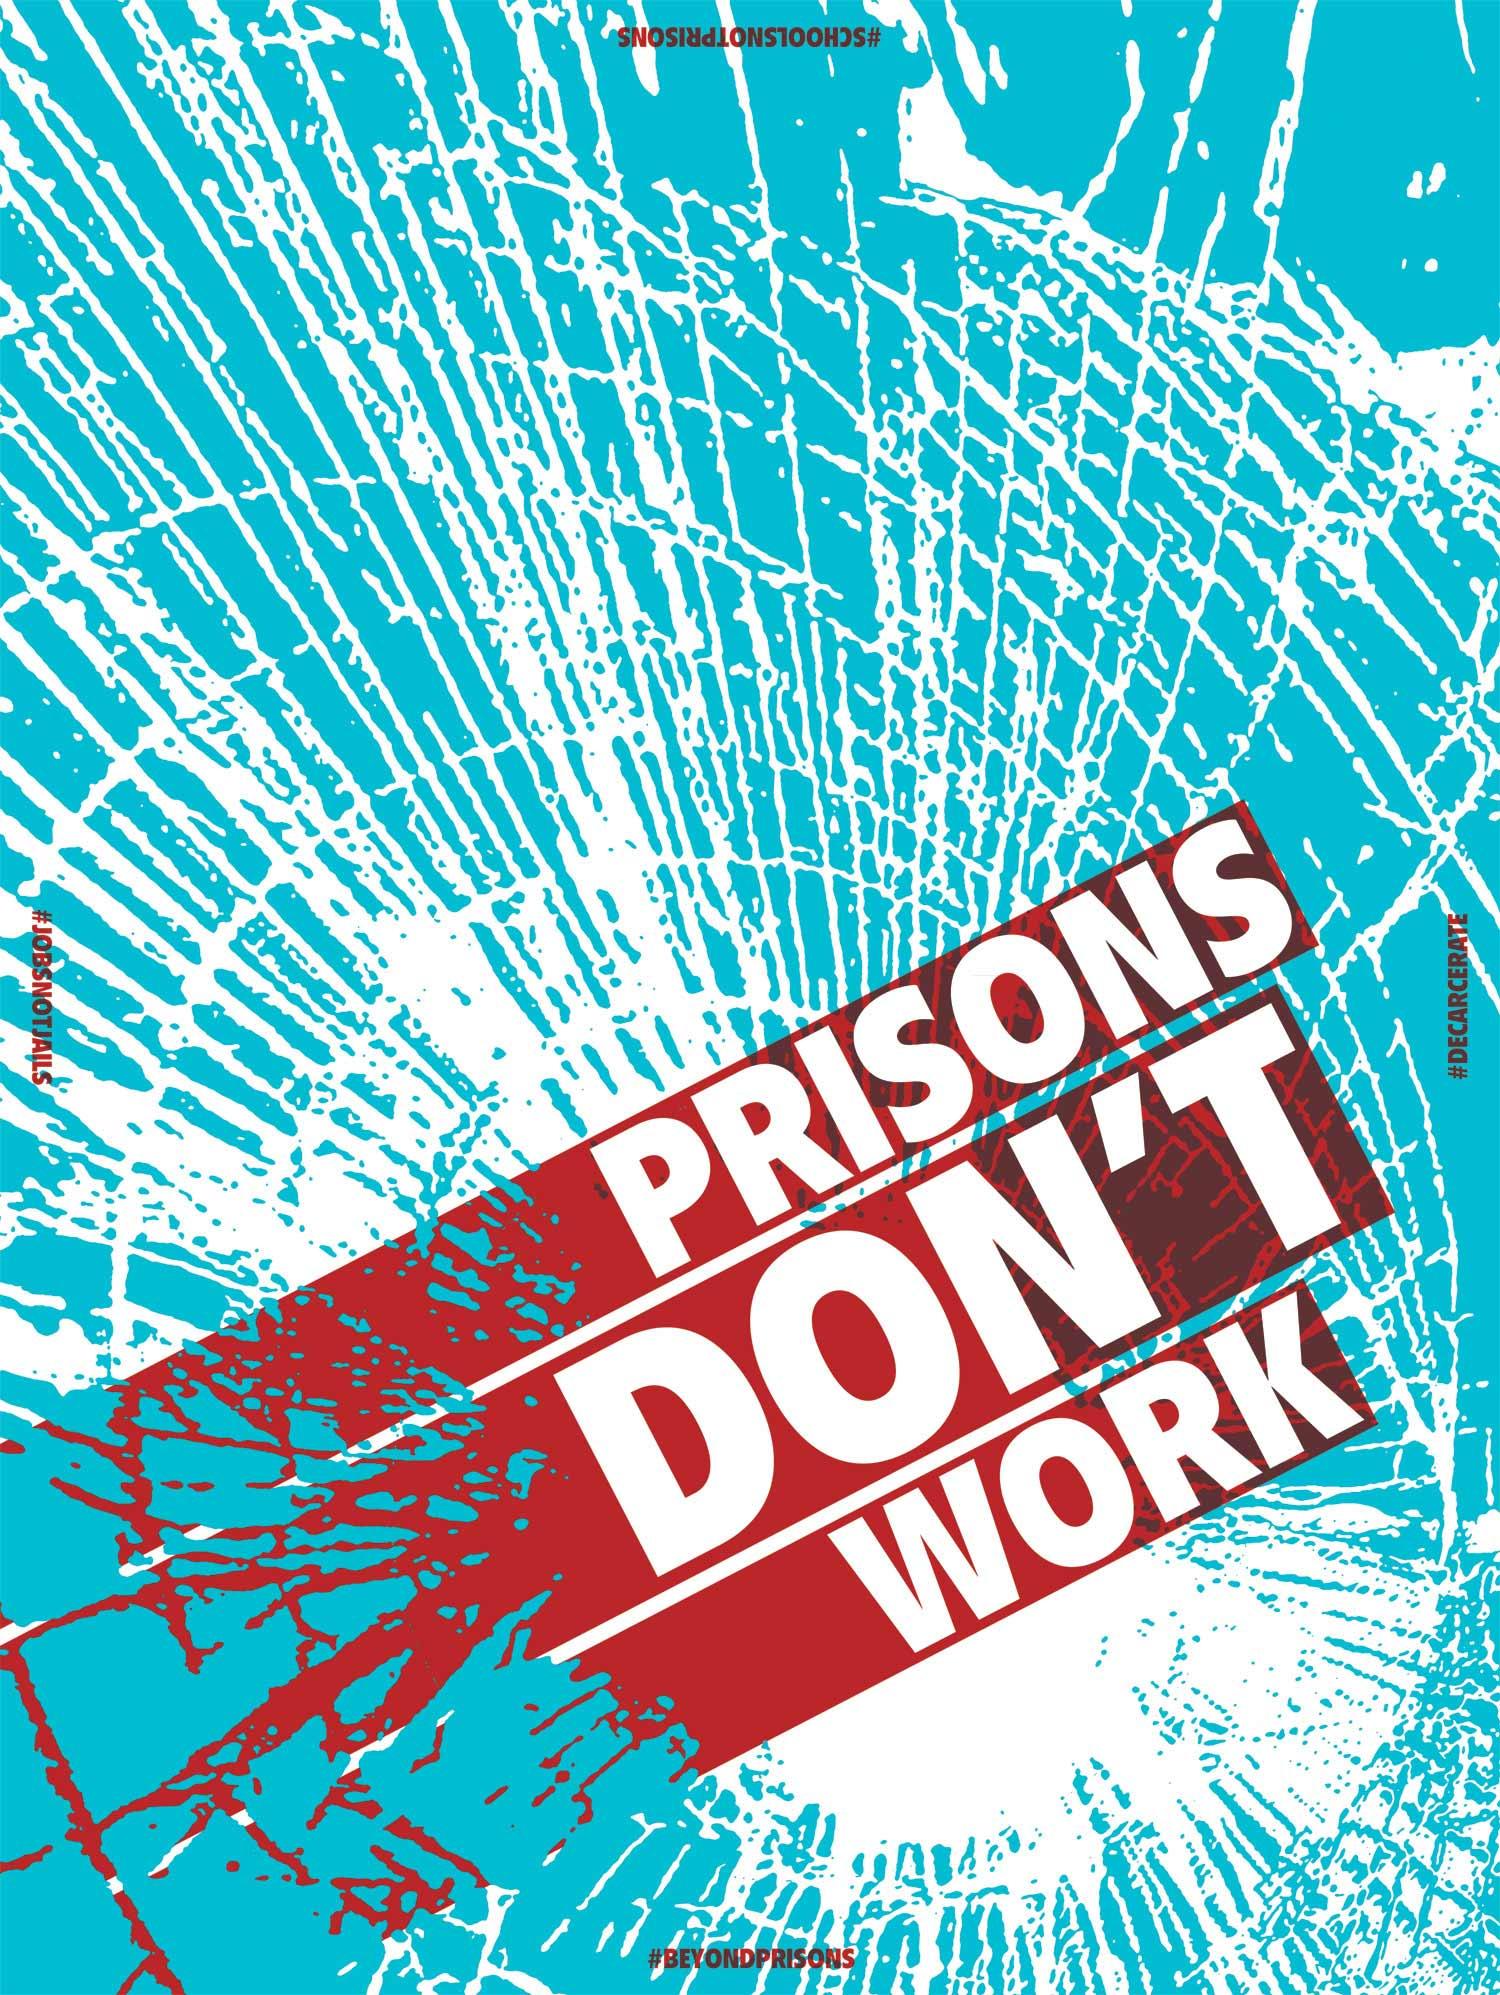 PrisonsDontWork_FINAL_mockup